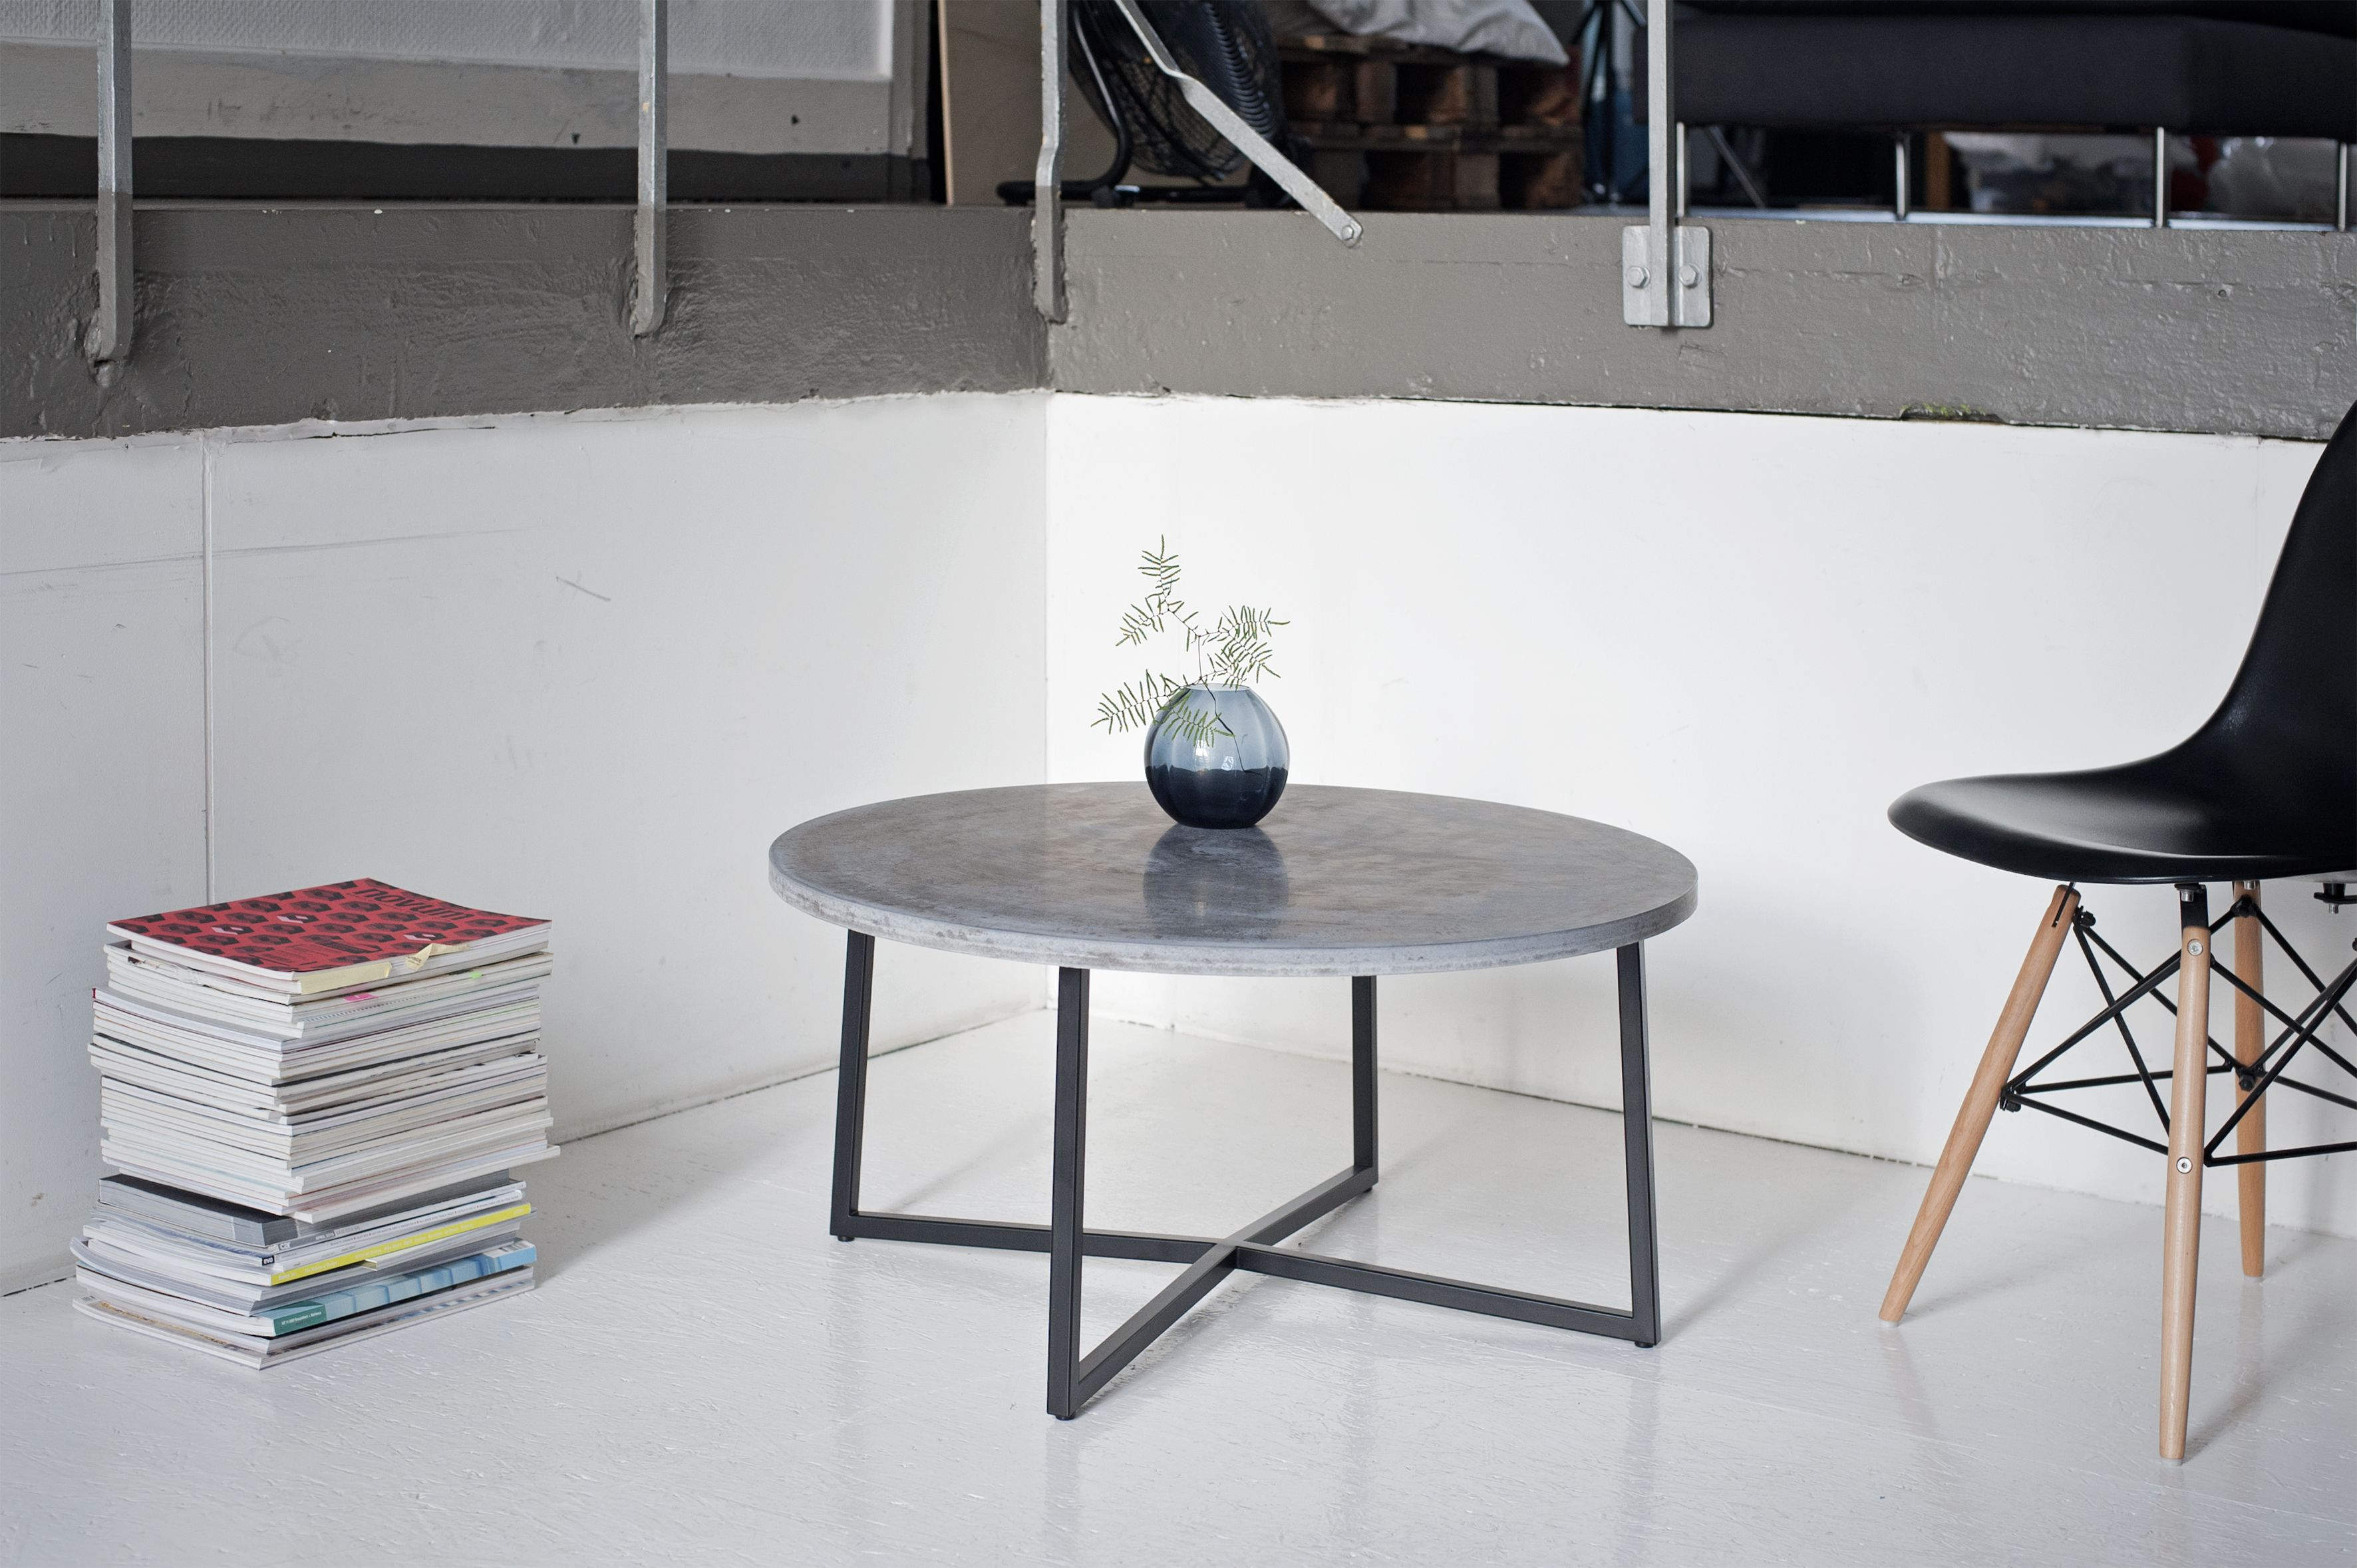 handgefertigter couchtisch aus beton, 80 durchmesser. betonmöbel